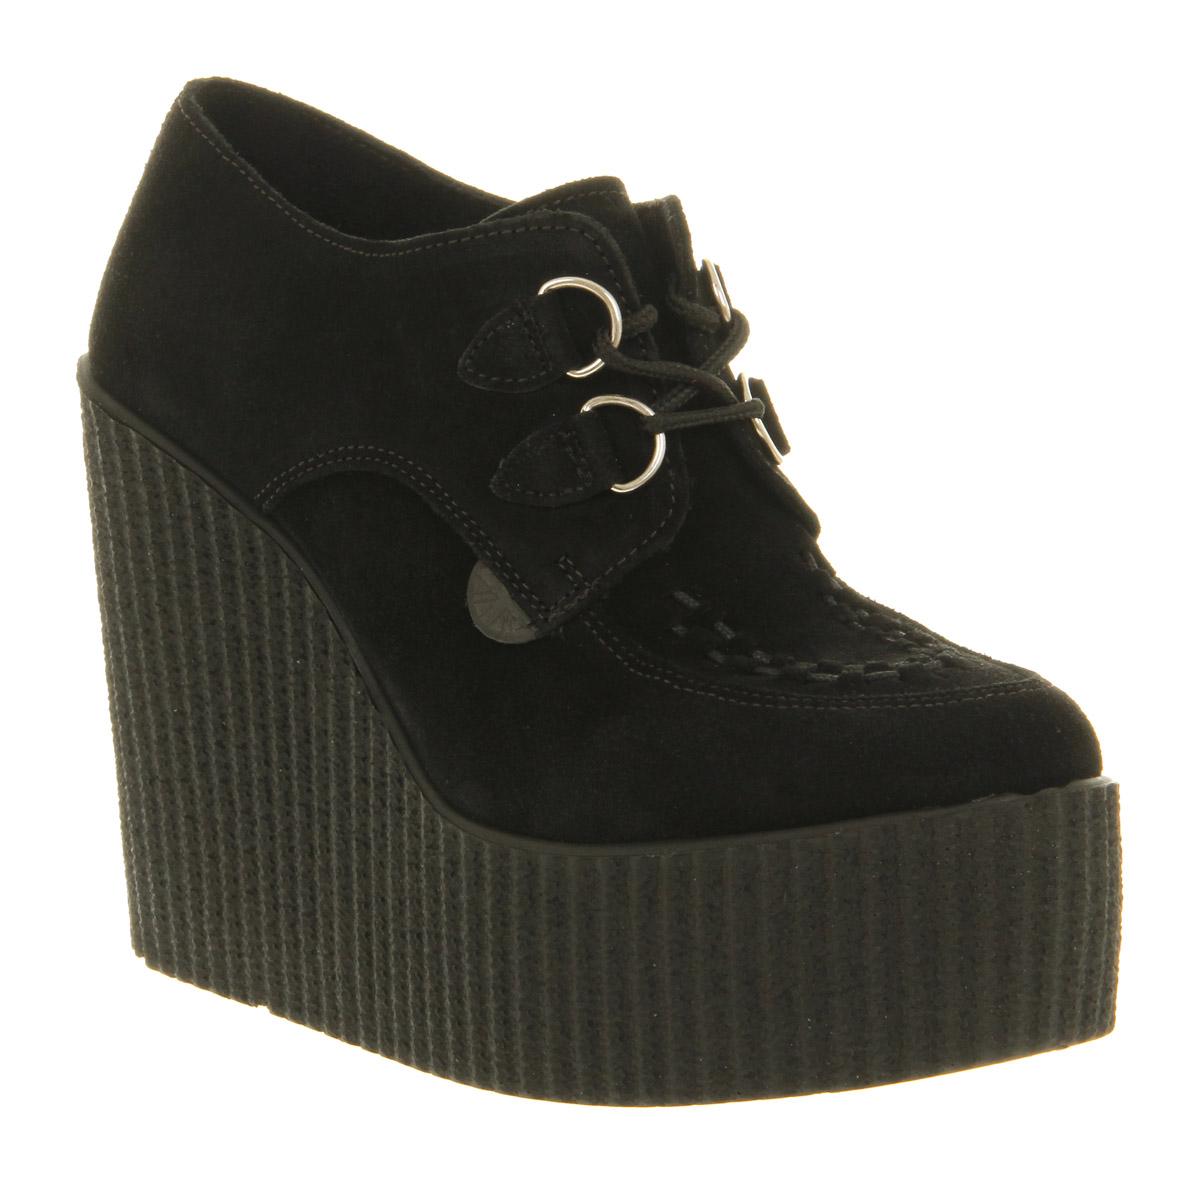 womens underground creeper wedge black suede heels size